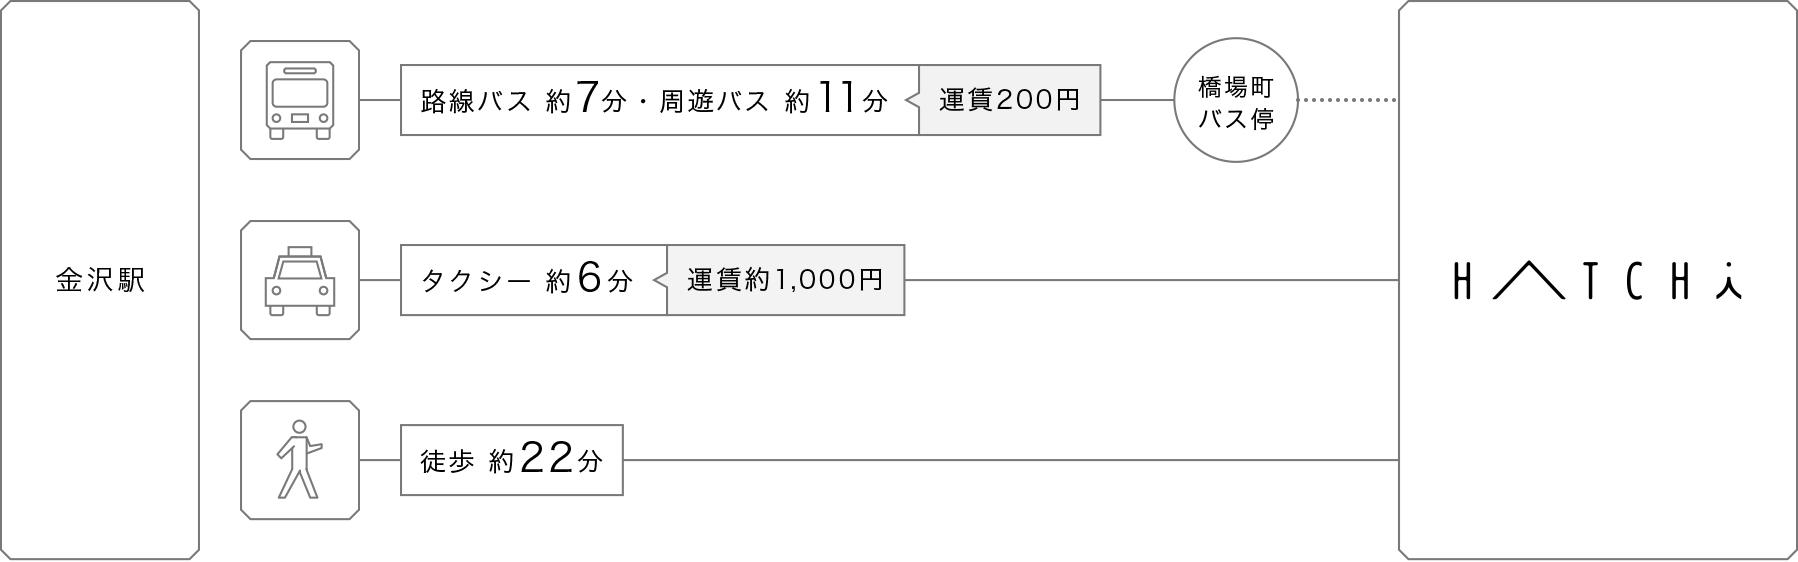 金沢駅からのアクセス案内